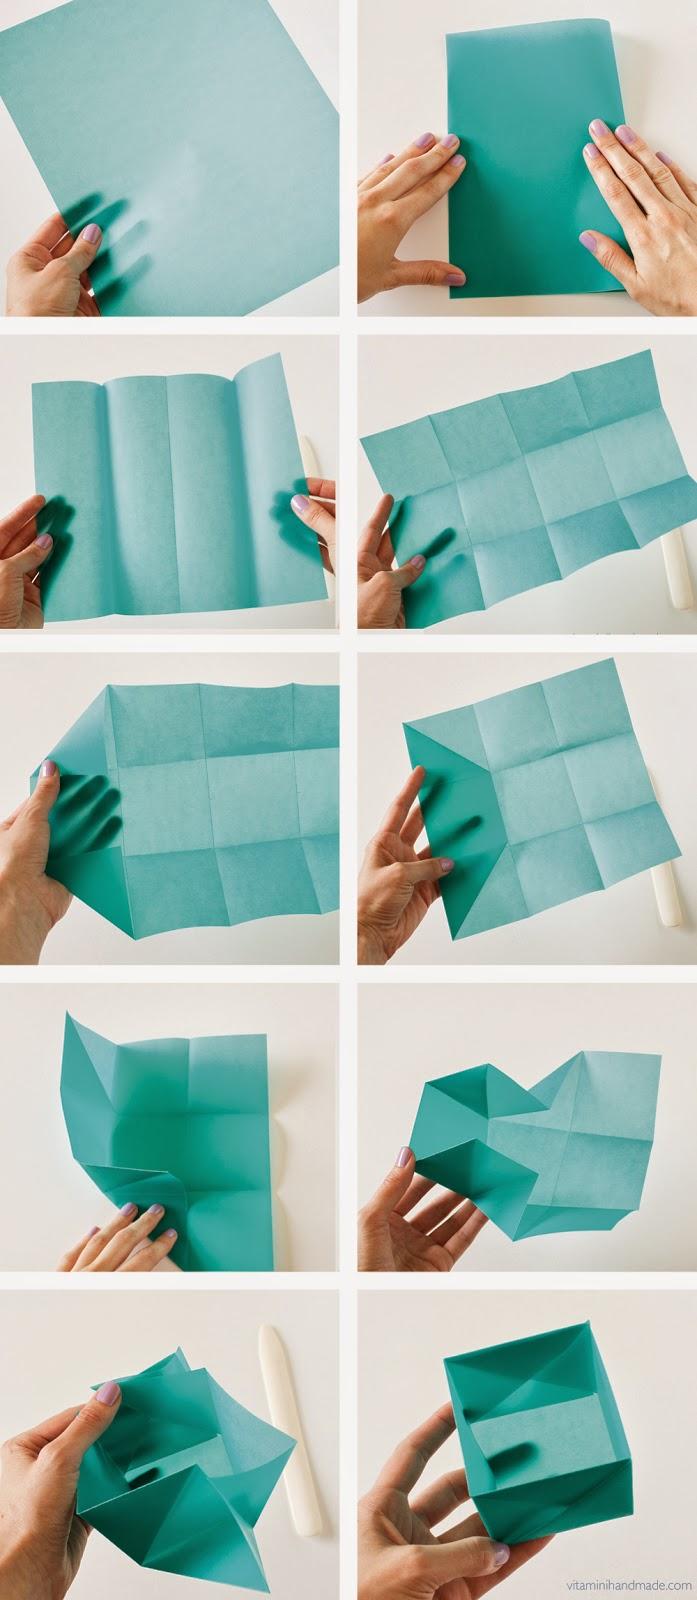 レターサイズの ... : 折り紙 箱 長方形の紙 : 折り紙